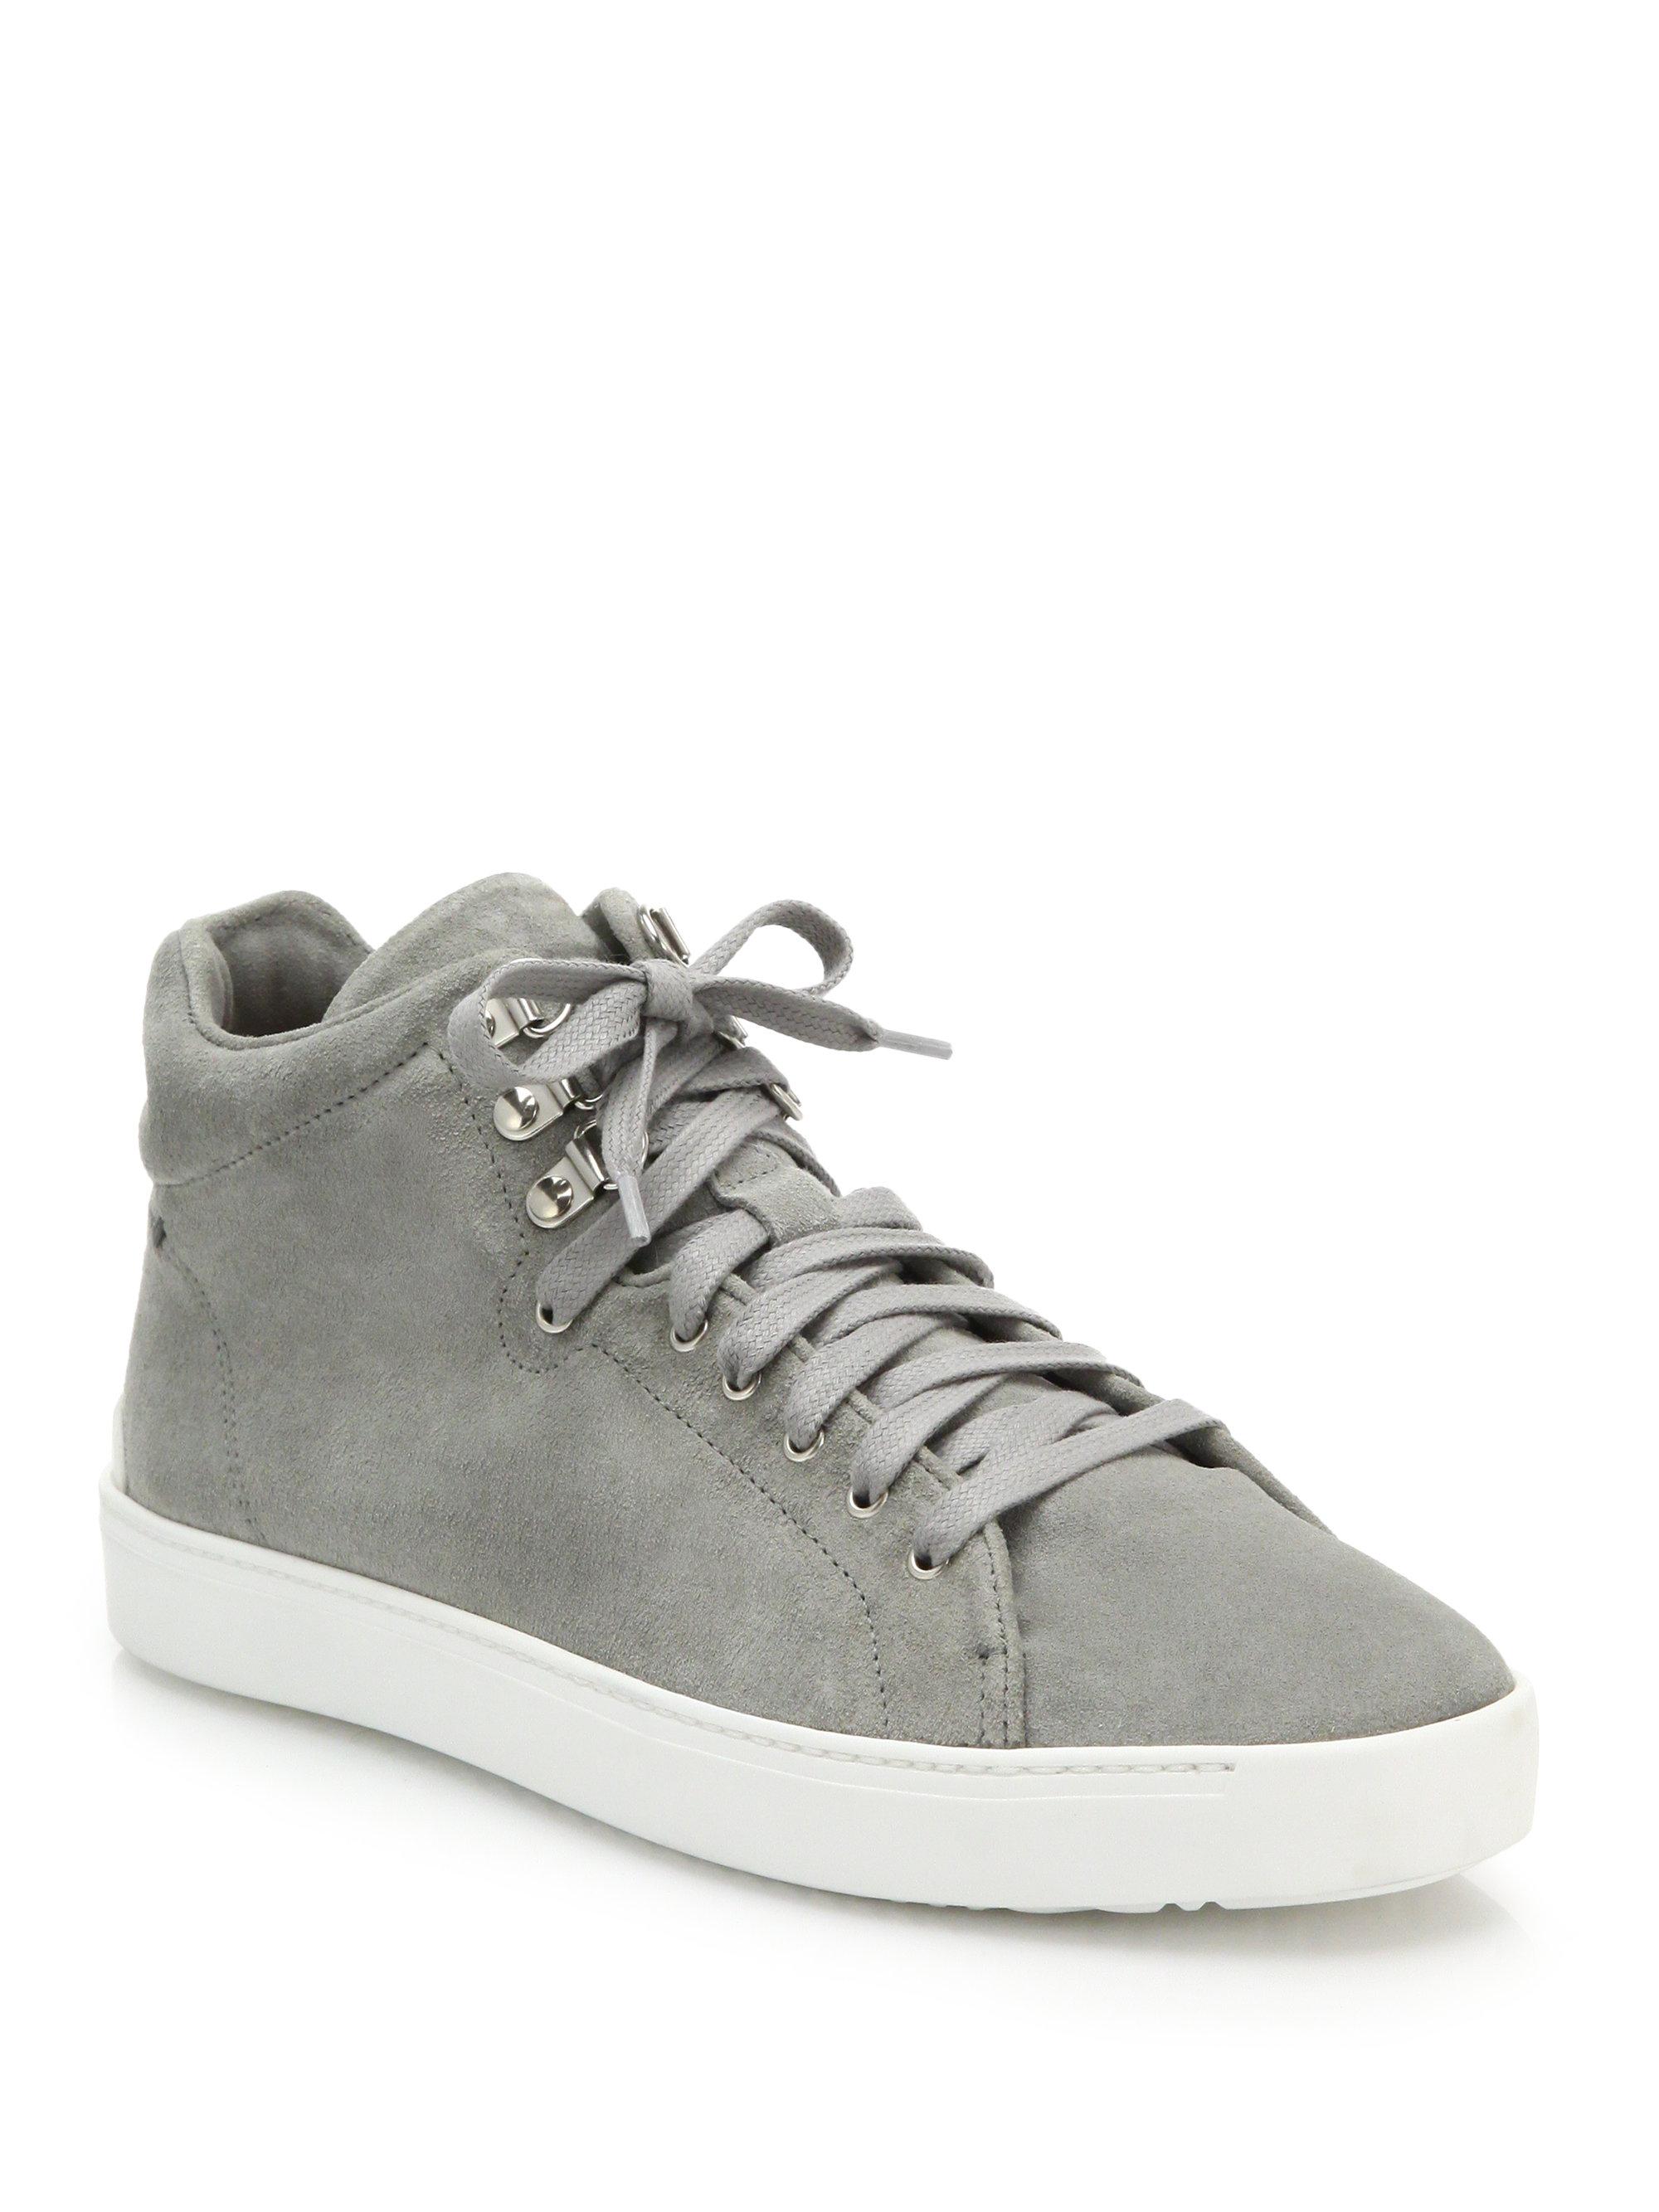 Rag Amp Bone Kent Suede High Top Sneakers In Gray Lyst